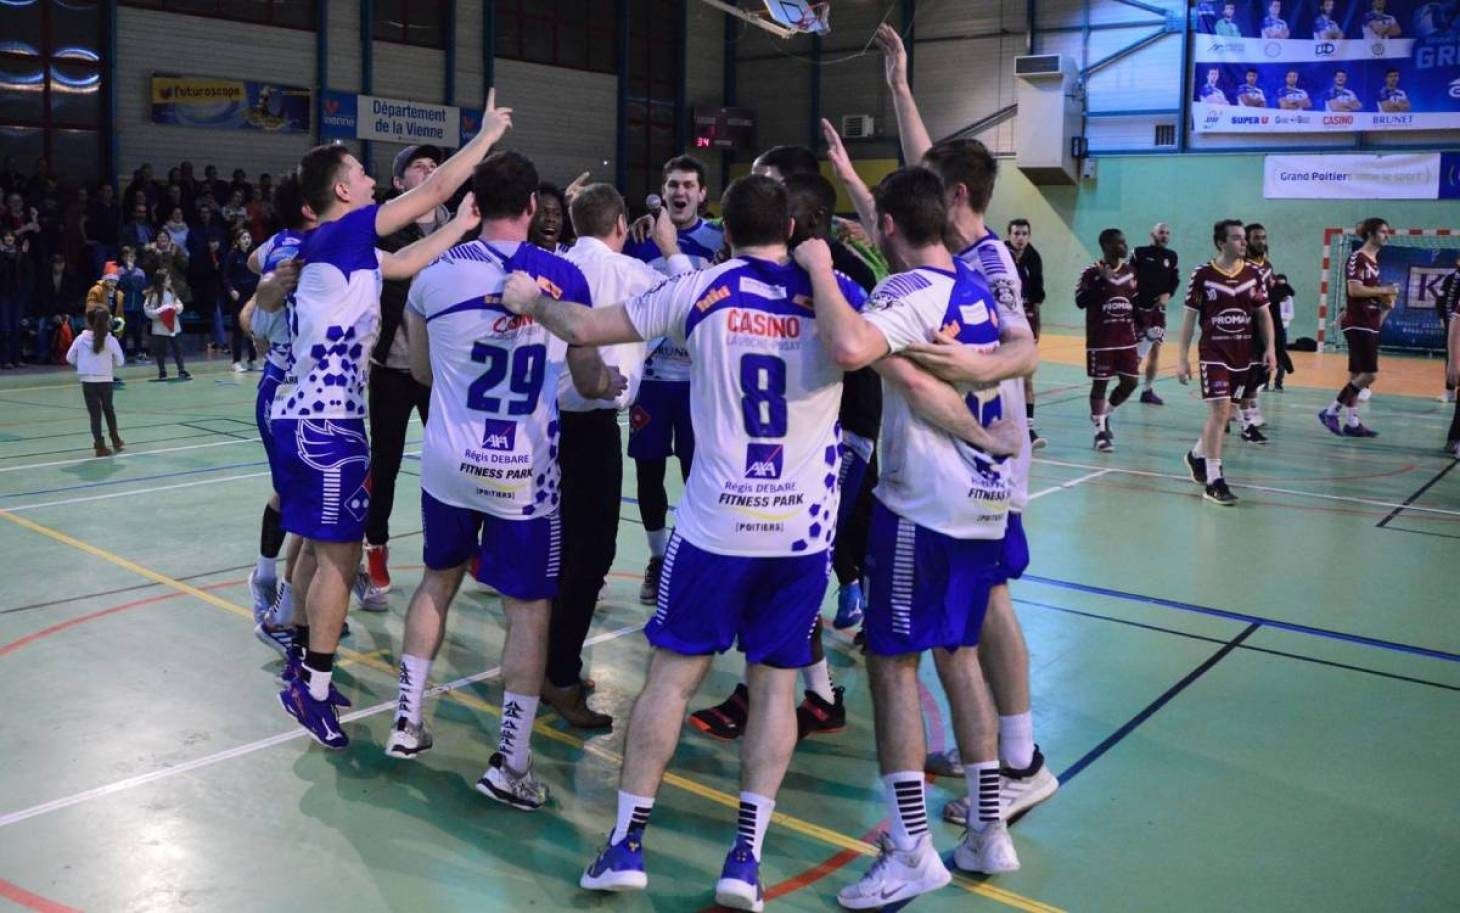 Le Grand Poitiers Handball 86 en N1 pour durer